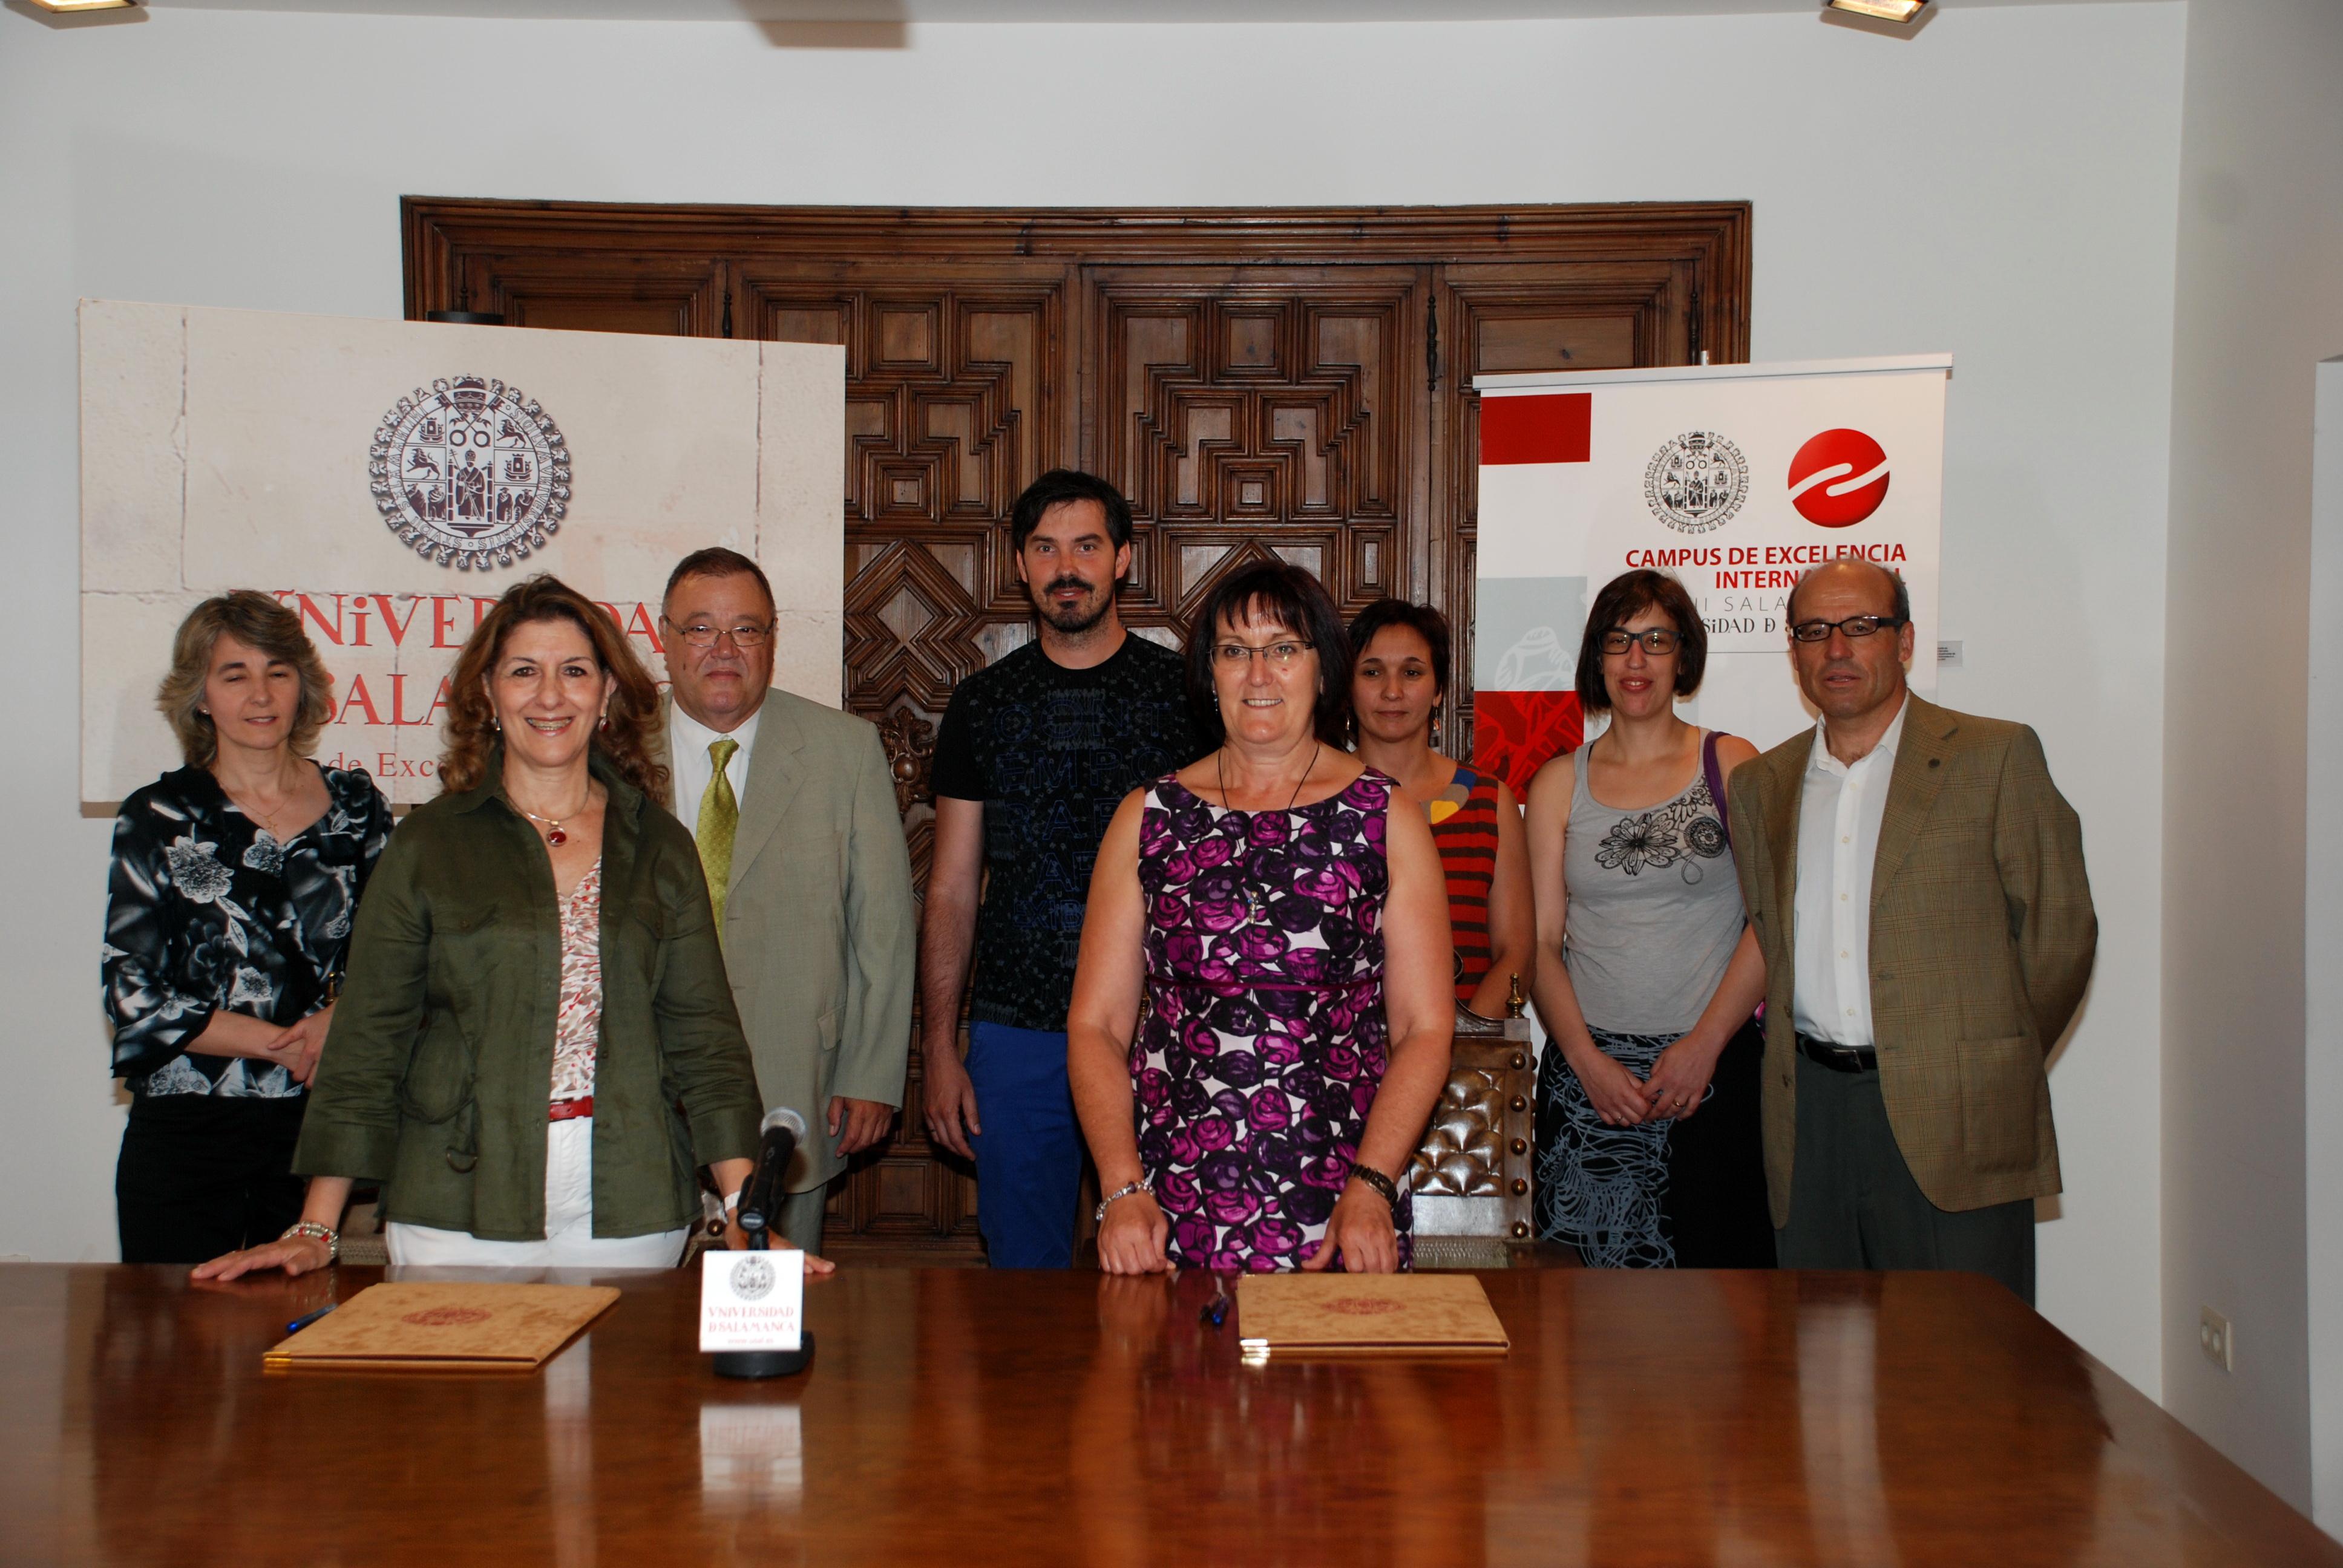 La Universidad de Salamanca suscribe un convenio de colaboración con la Asociación Vojta Española y la Sociedad Vojta Internacional